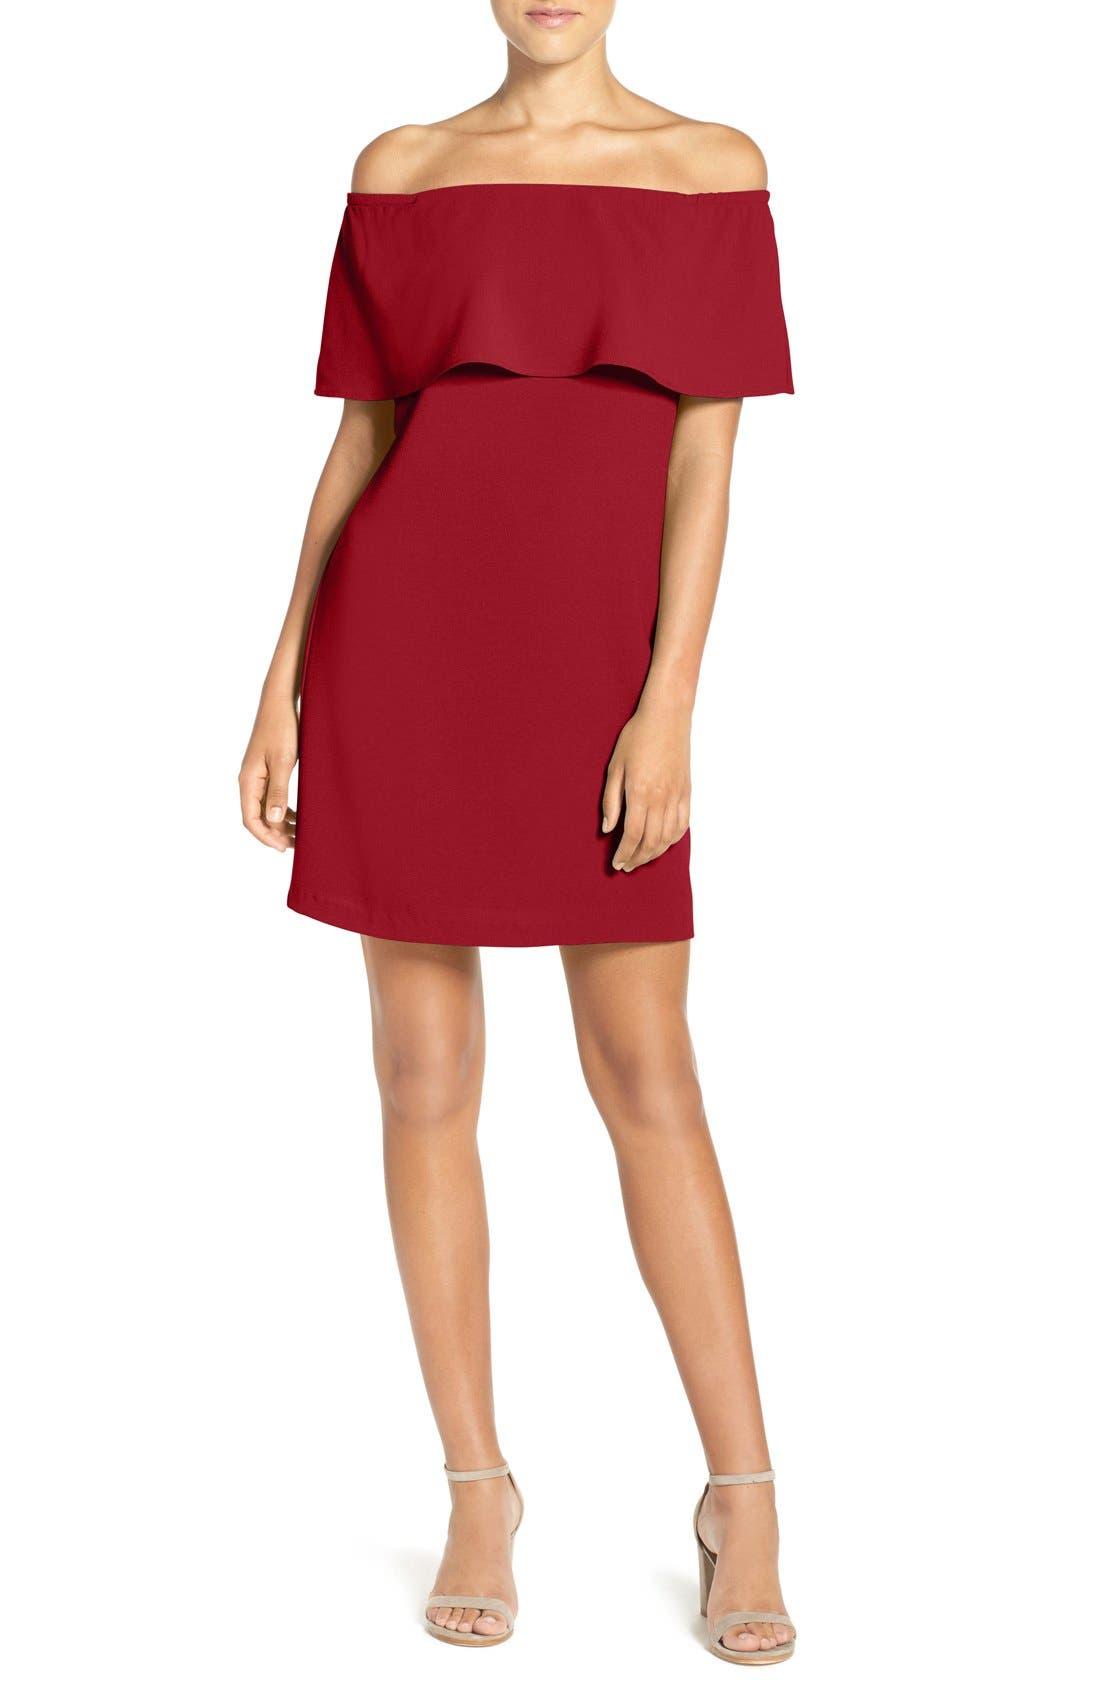 Alternate Image 1 Selected - Charles Henry Off the Shoulder Dress (Regular & Petite)